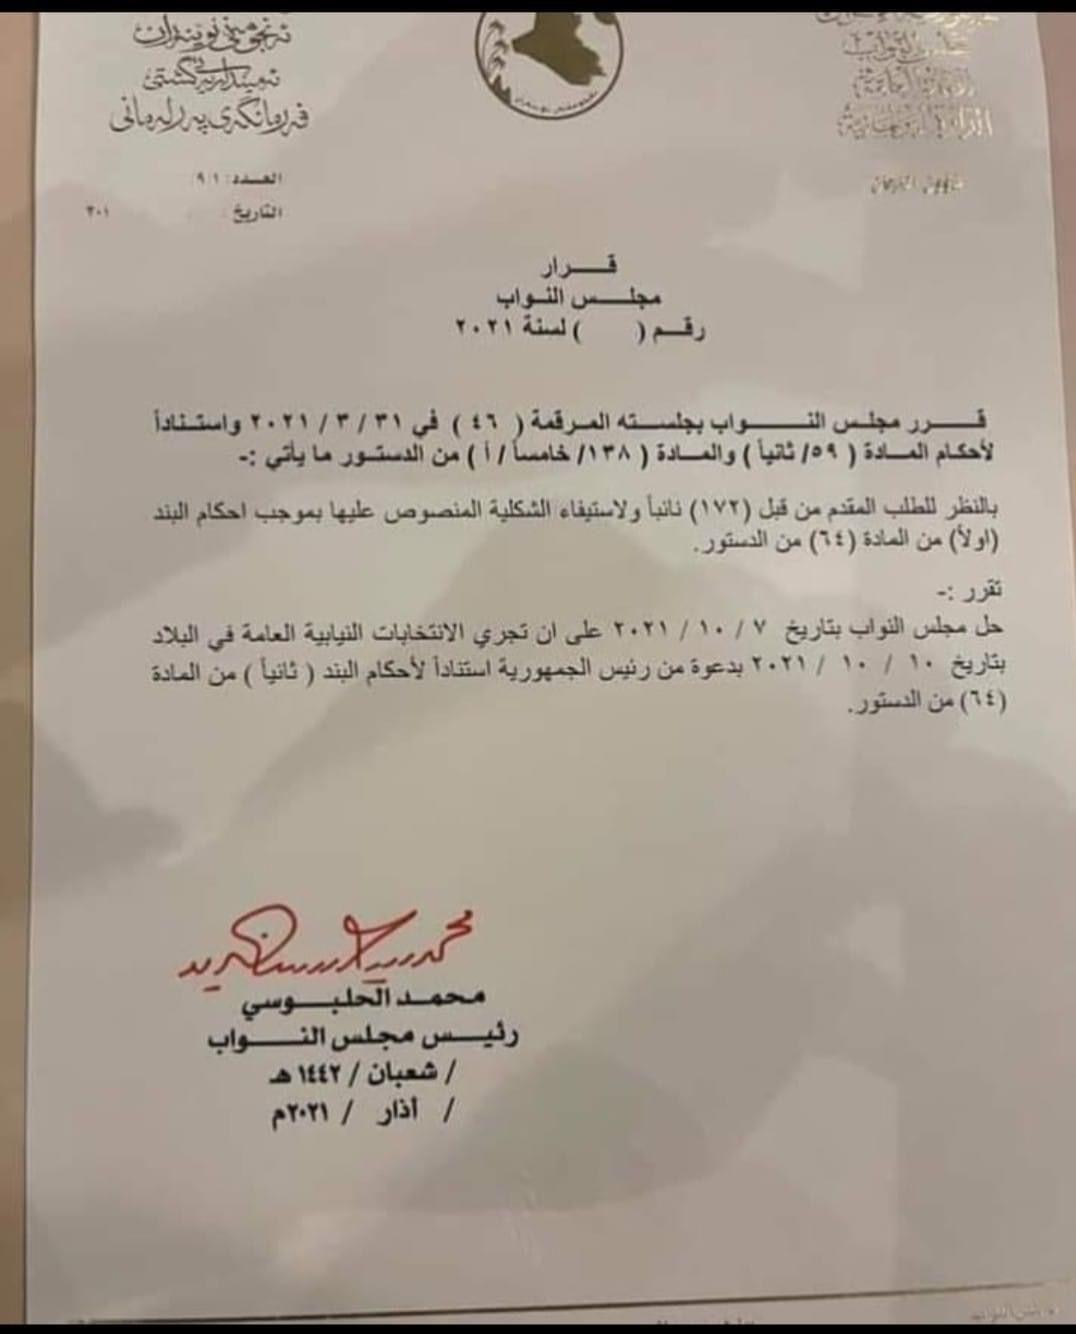 دلیل انحلال چهارمین دوره پارلمان عراق